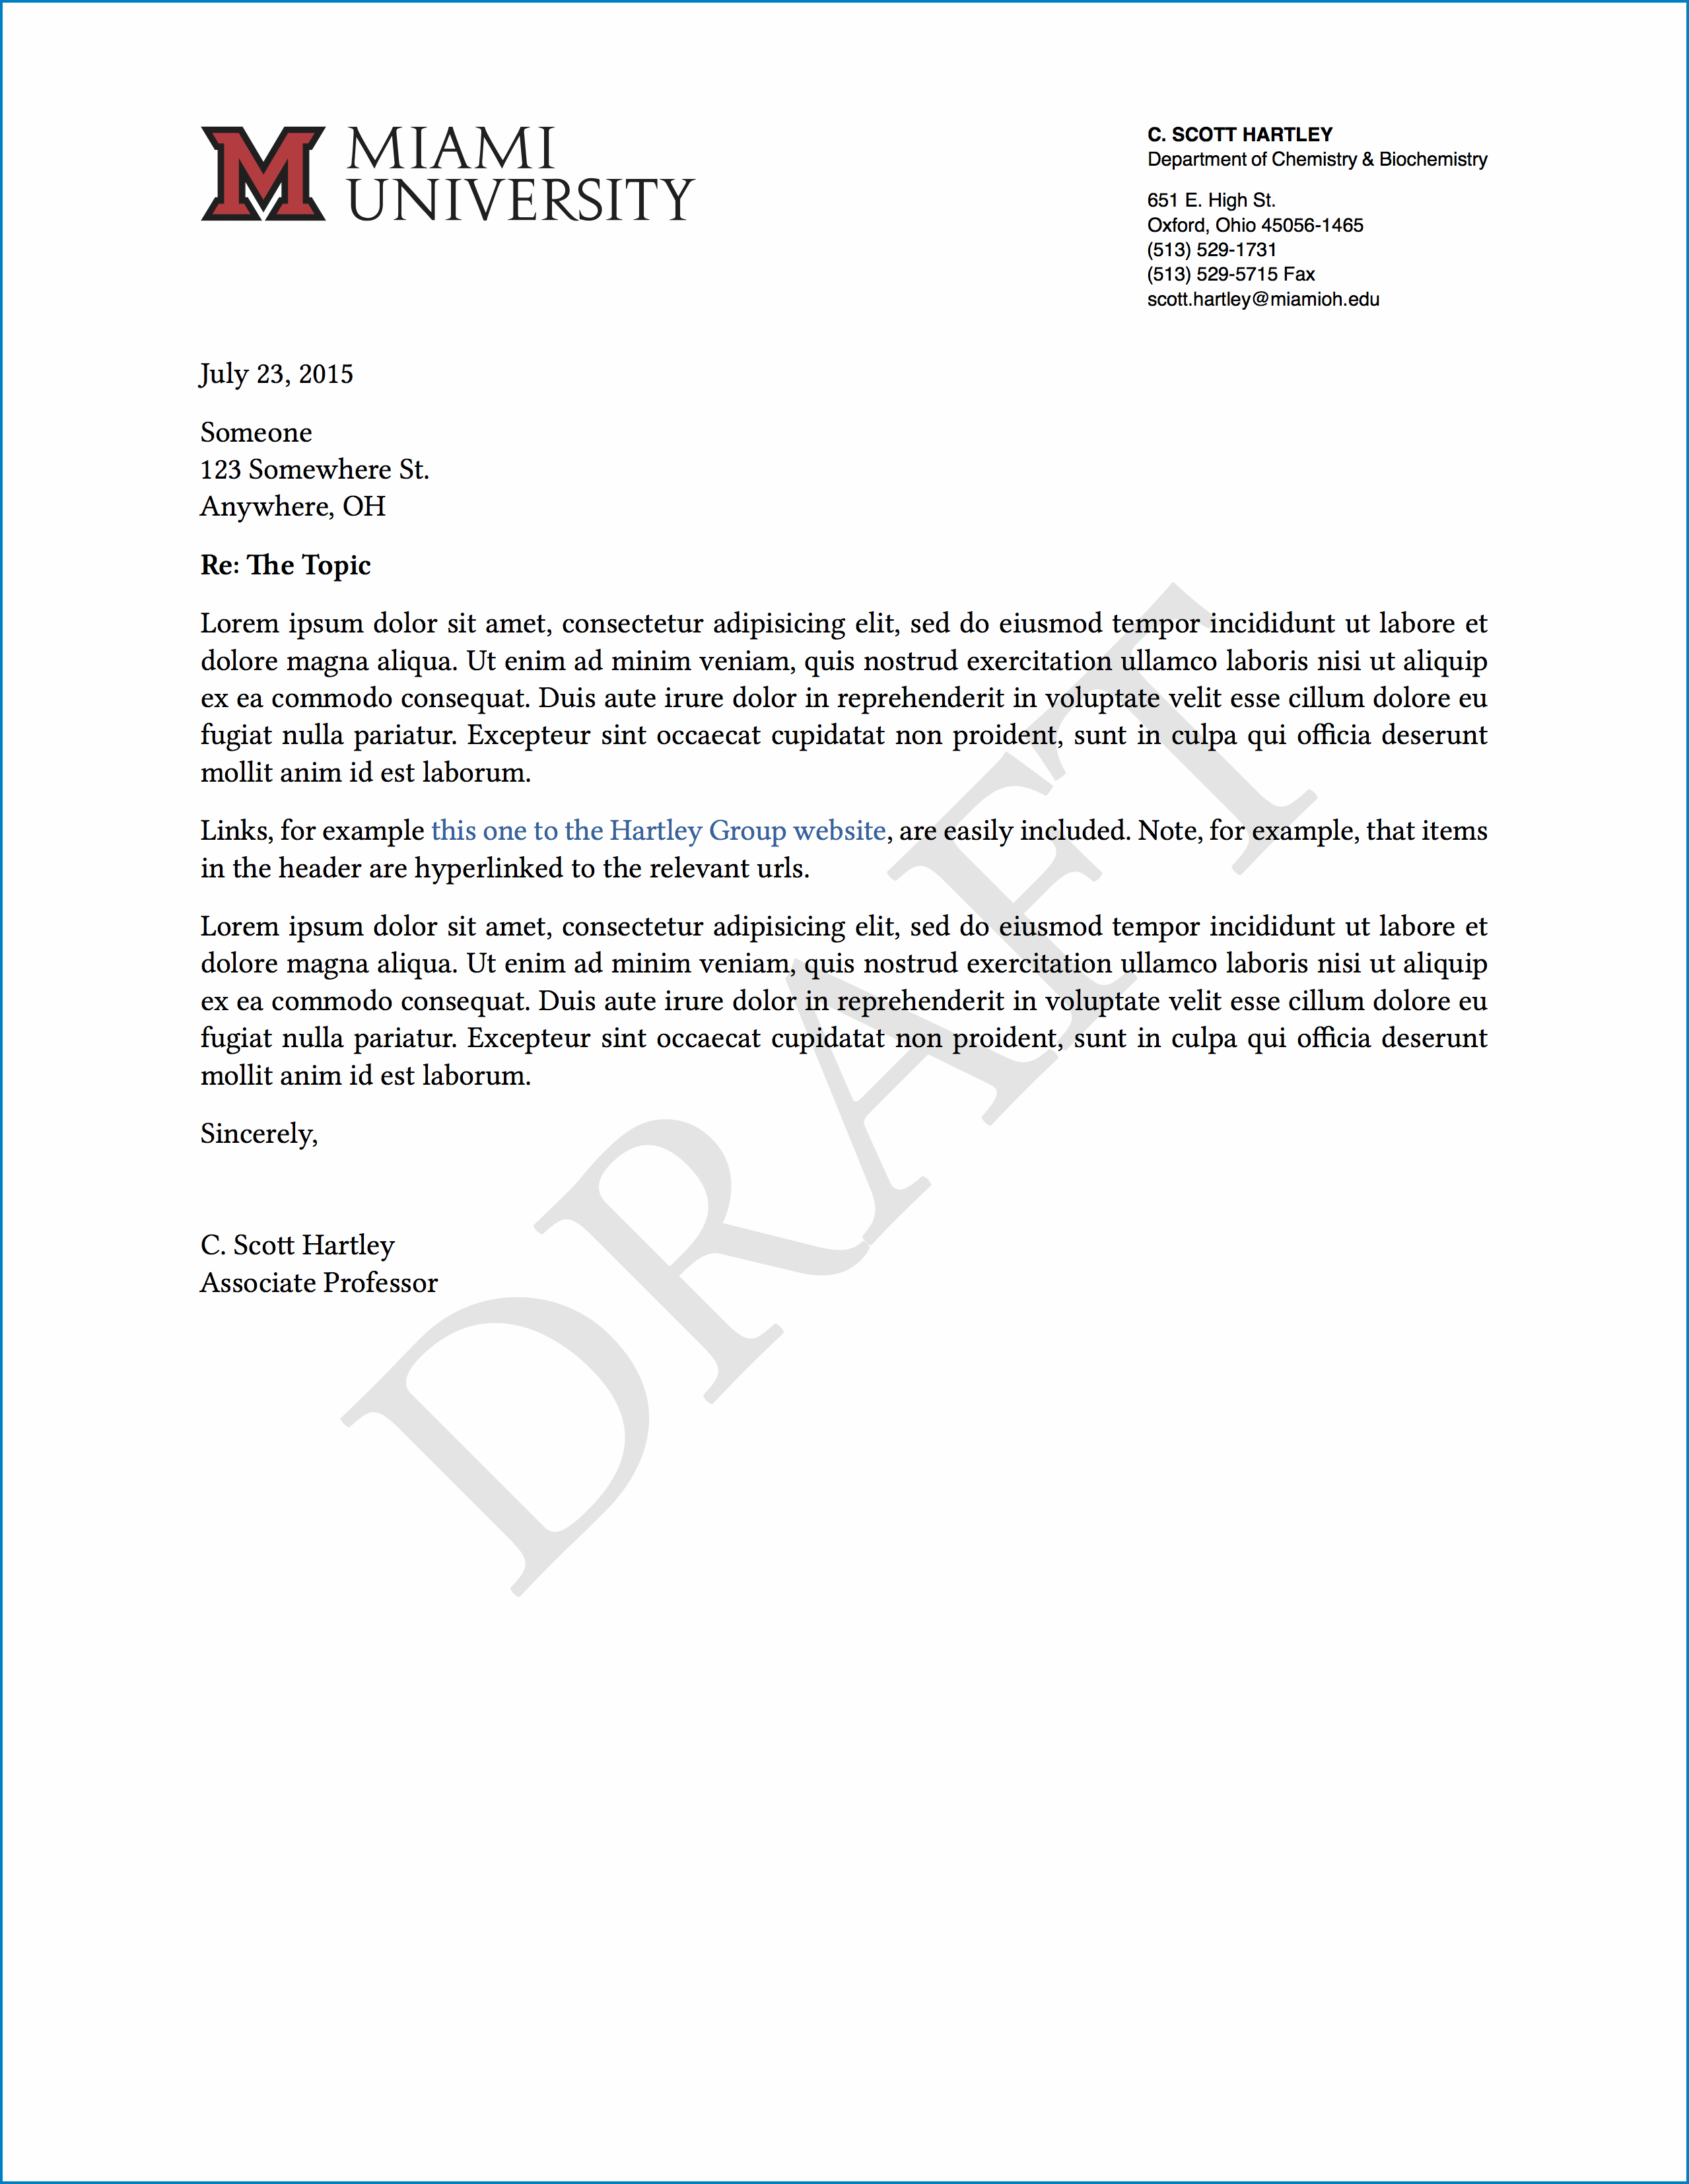 Letterhead For Letter Of Recommendation Sample